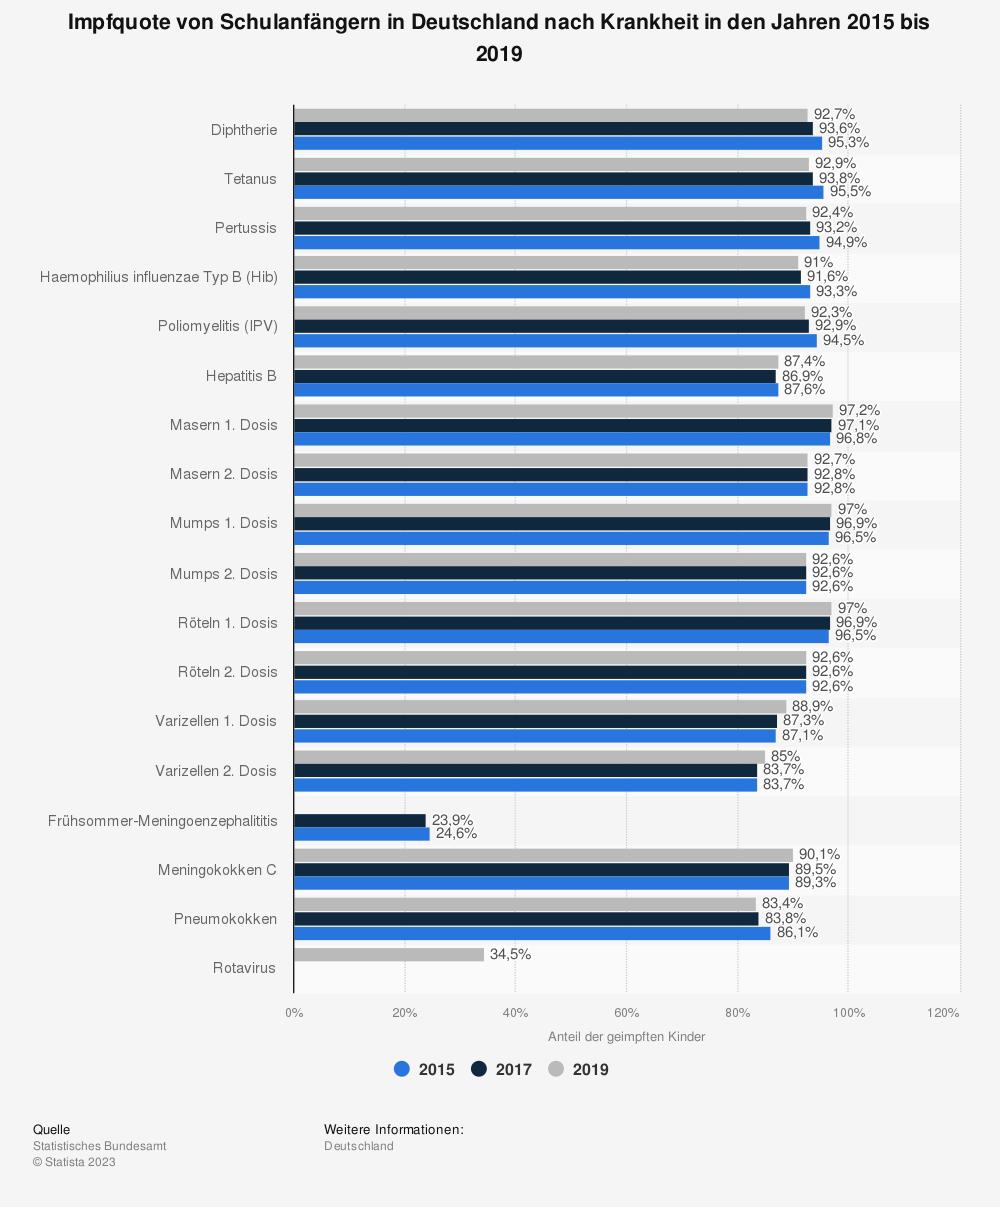 Statistik: Impfquote von Schulanfängern in Deutschland nach Krankheit in den Jahren 2013 bis 2017 | Statista